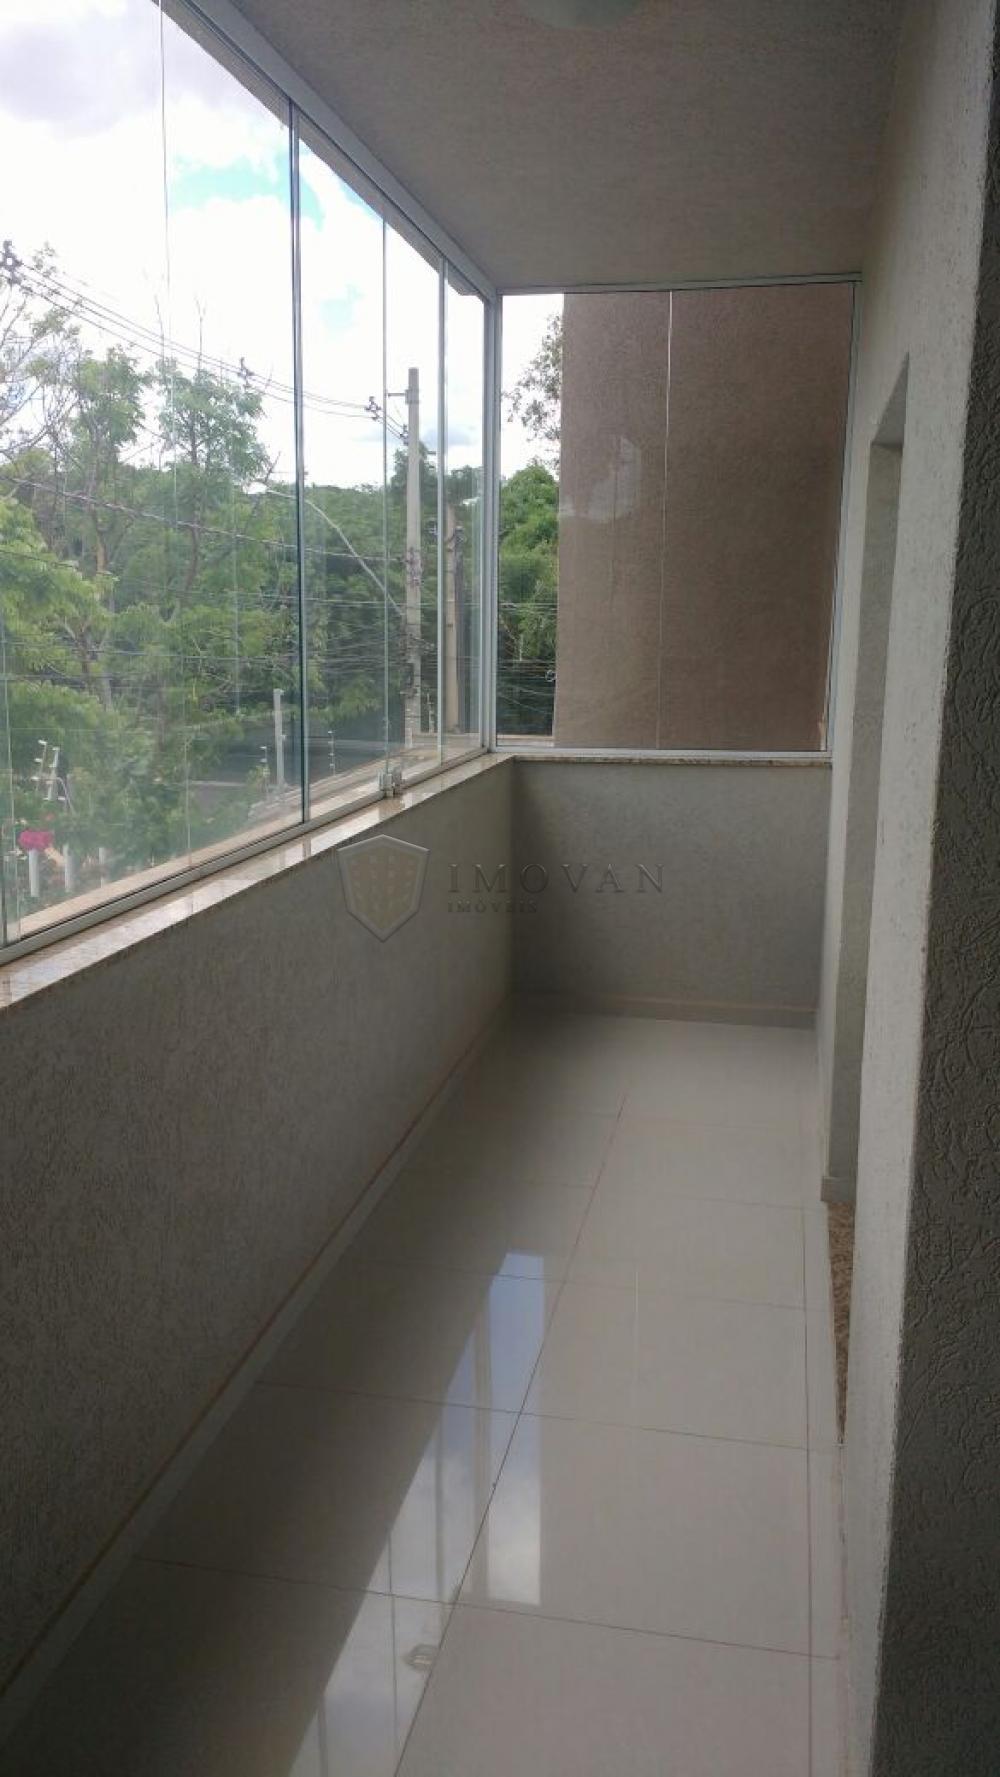 Comprar Apartamento / Padrão em Ribeirão Preto apenas R$ 365.000,00 - Foto 4